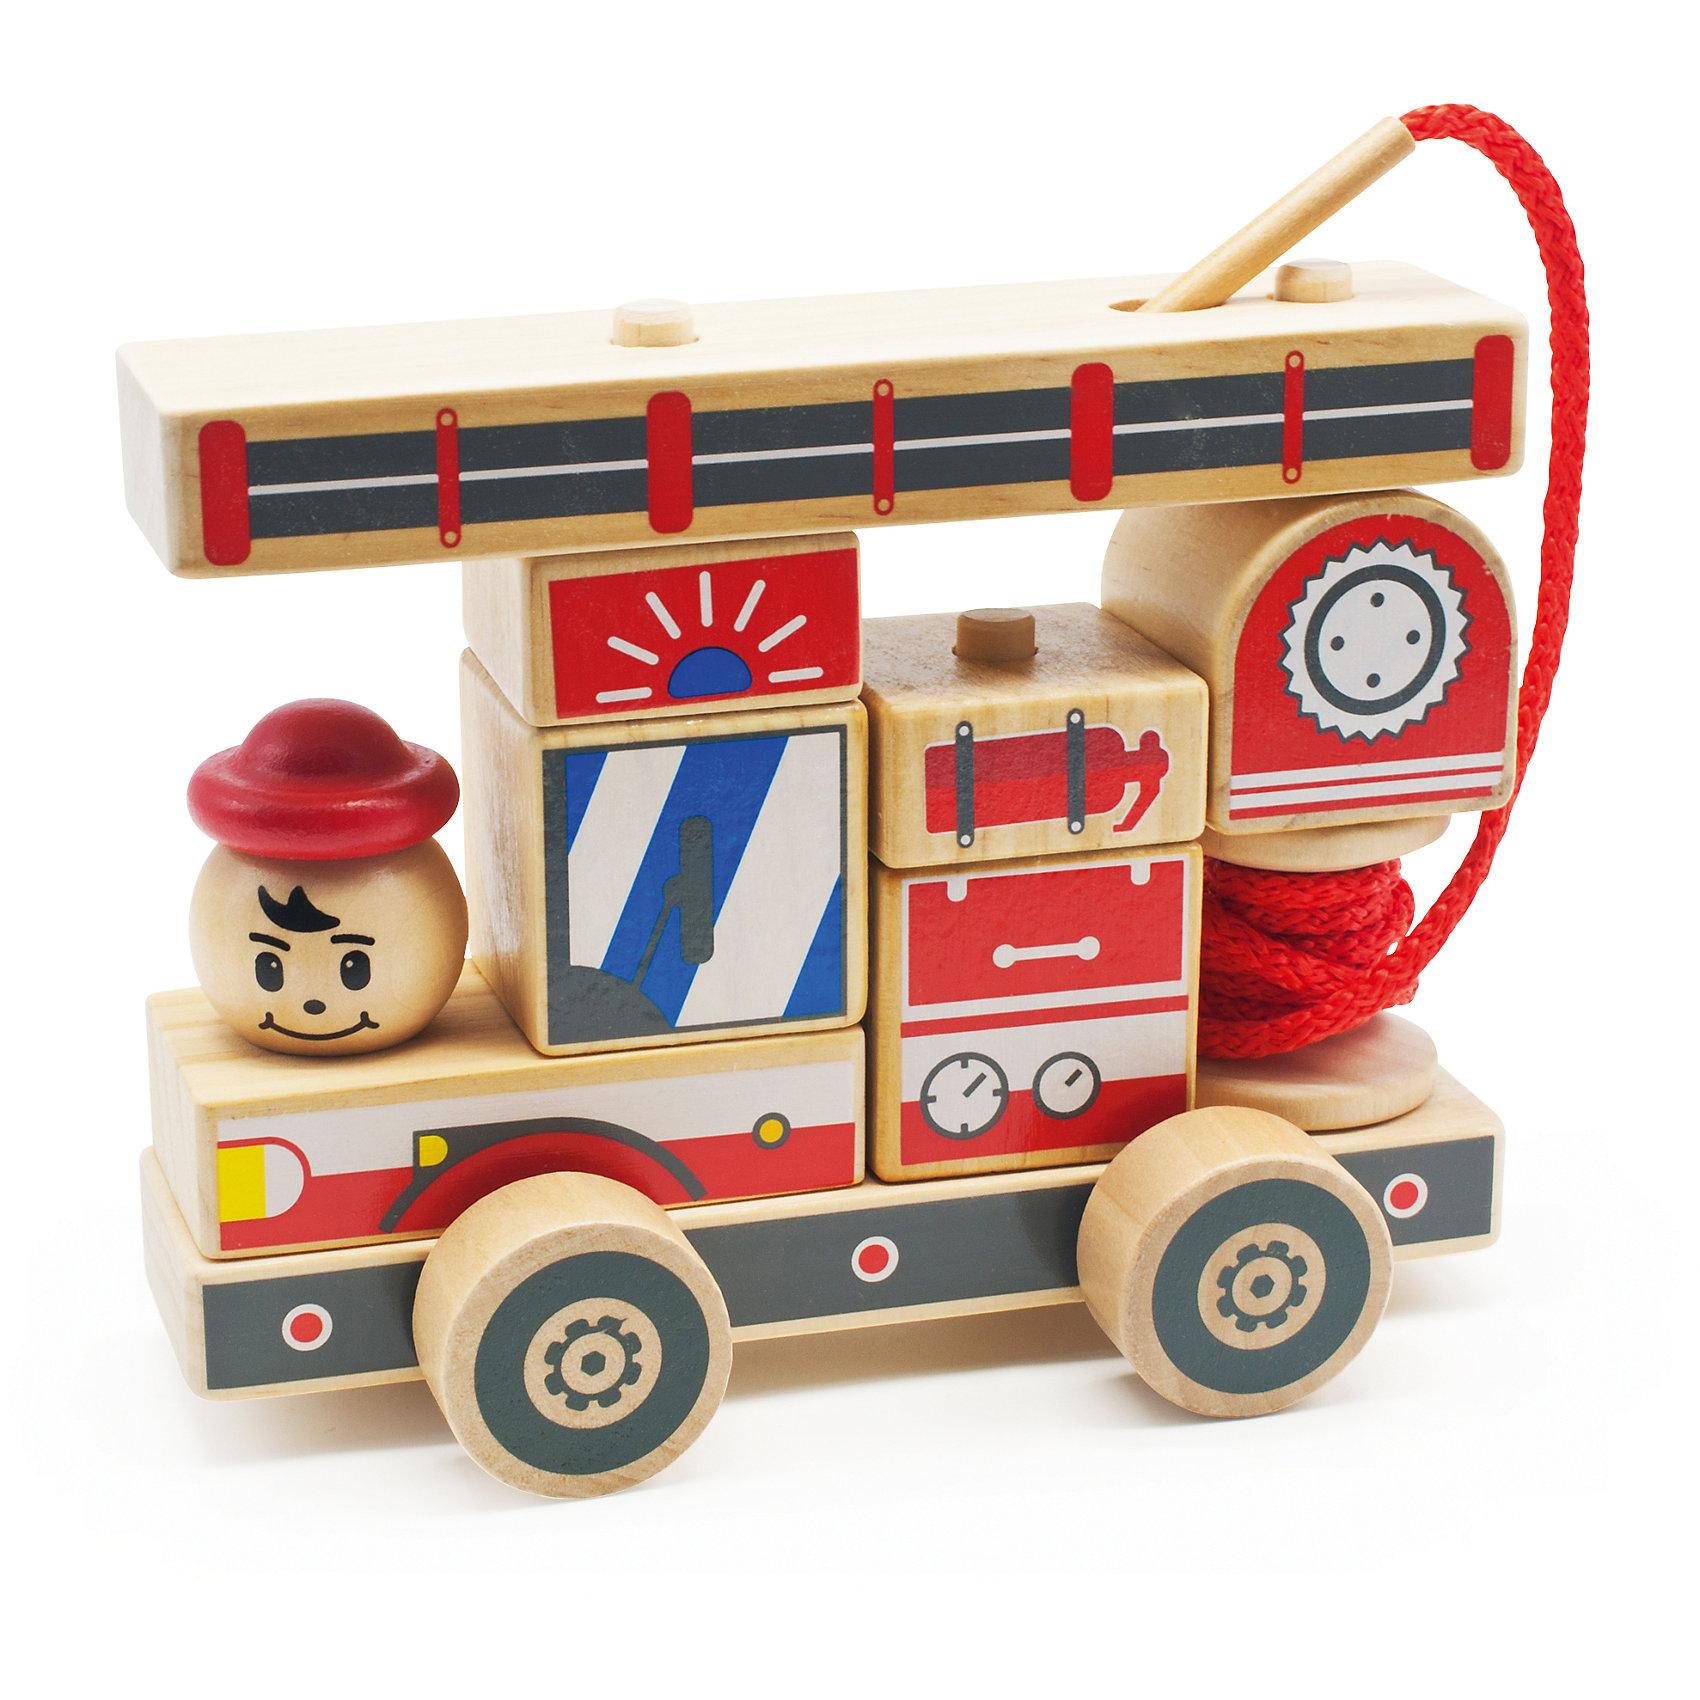 Автомобиль-конструктор 2, Мир деревянных игрушекЭтот яркий автомобильчик придется по вкусу всем юным автолюбителям! Секрет его в том, что он состоит из отдельных кубиков и деталей. Ребенку будет интересно самому собрать оригинальную машинку и потом весело играть с ней. Надо лишь надеть нужные детали на деревянные штырьки на платформе с колесами - и машинка готова! <br>Все детали автомобиля выполнены из натурального дерева, раскрашены гипоаллергенными нетоксичными красителями, не имеют острых углов, прекрасно обработаны - абсолютно безопасны для детей. <br>Игры с конструктором развивают у малышей моторику рук, внимание, пространственного воображение и фантазию. <br><br>Дополнительная информация:<br><br>- Возраст: от 3-х лет.<br>- Материал: дерево. <br>- Размер игрушки: 17 см. <br>- Количество деталей: 12.<br><br>Автомобиль-конструктор 2 можно купить в нашем магазине.<br><br>Ширина мм: 180<br>Глубина мм: 90<br>Высота мм: 145<br>Вес г: 471<br>Возраст от месяцев: 36<br>Возраст до месяцев: 2147483647<br>Пол: Унисекс<br>Возраст: Детский<br>SKU: 4895900